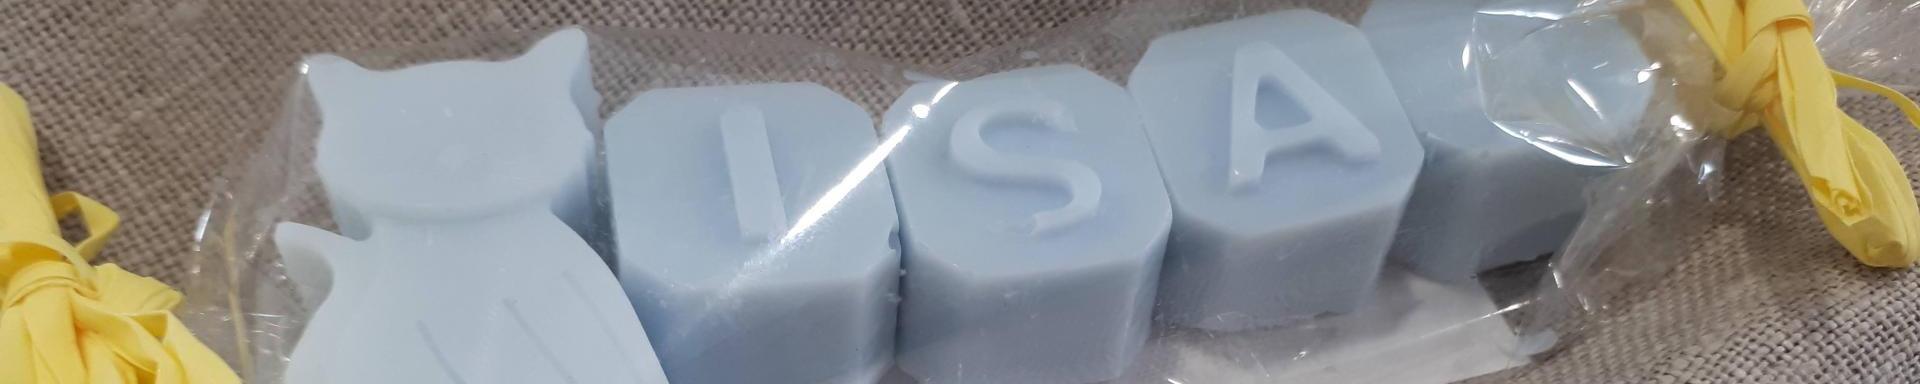 Detalles para eventos - Letras de jabón de glicerina